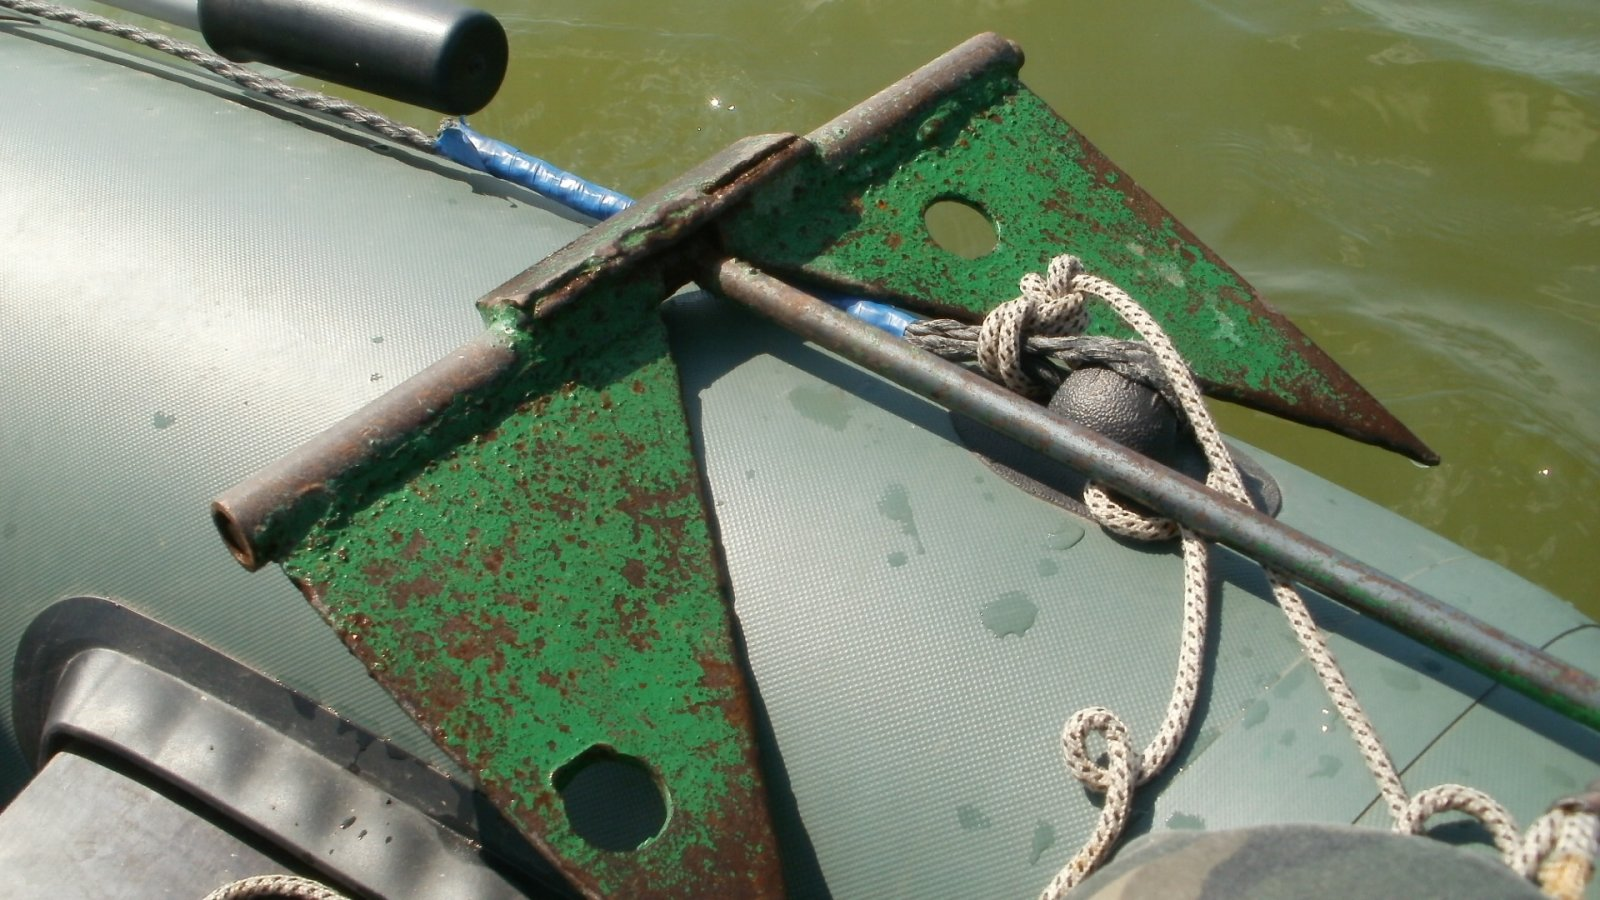 Как сделать якорь для лодки ПВХ своими руками, чертежи и схемы